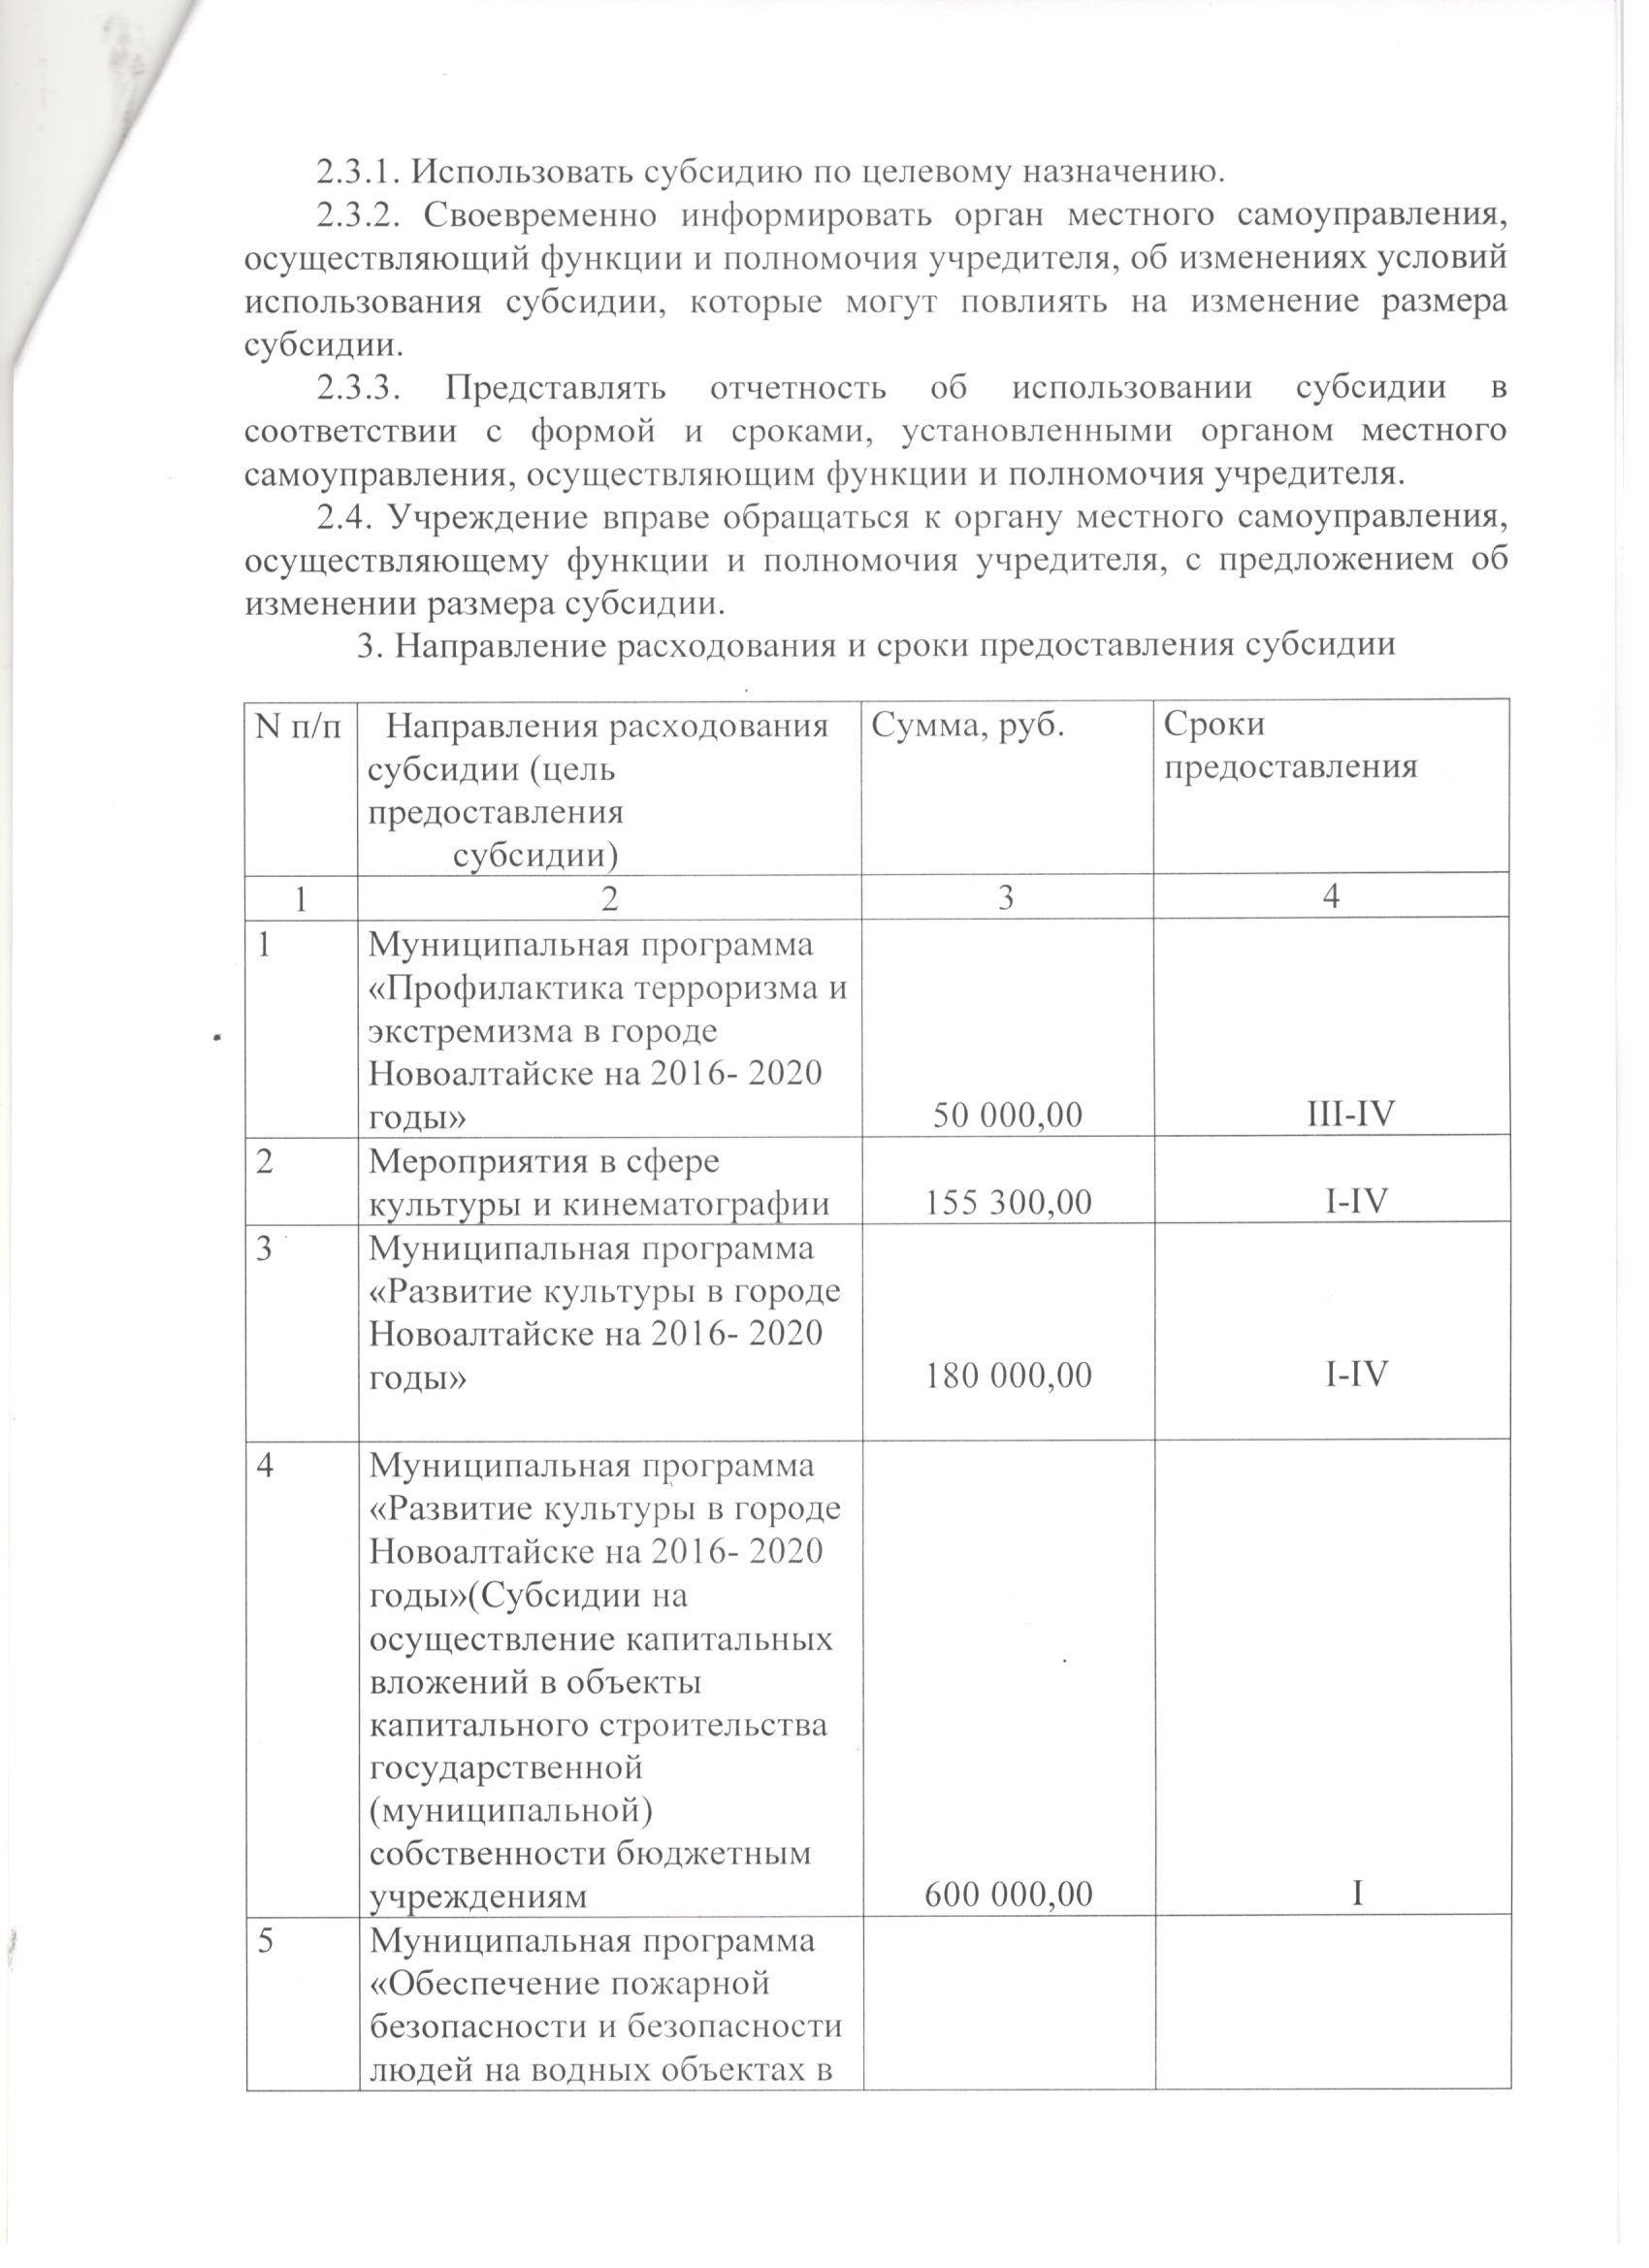 ДОП СОГЛ 2 -2